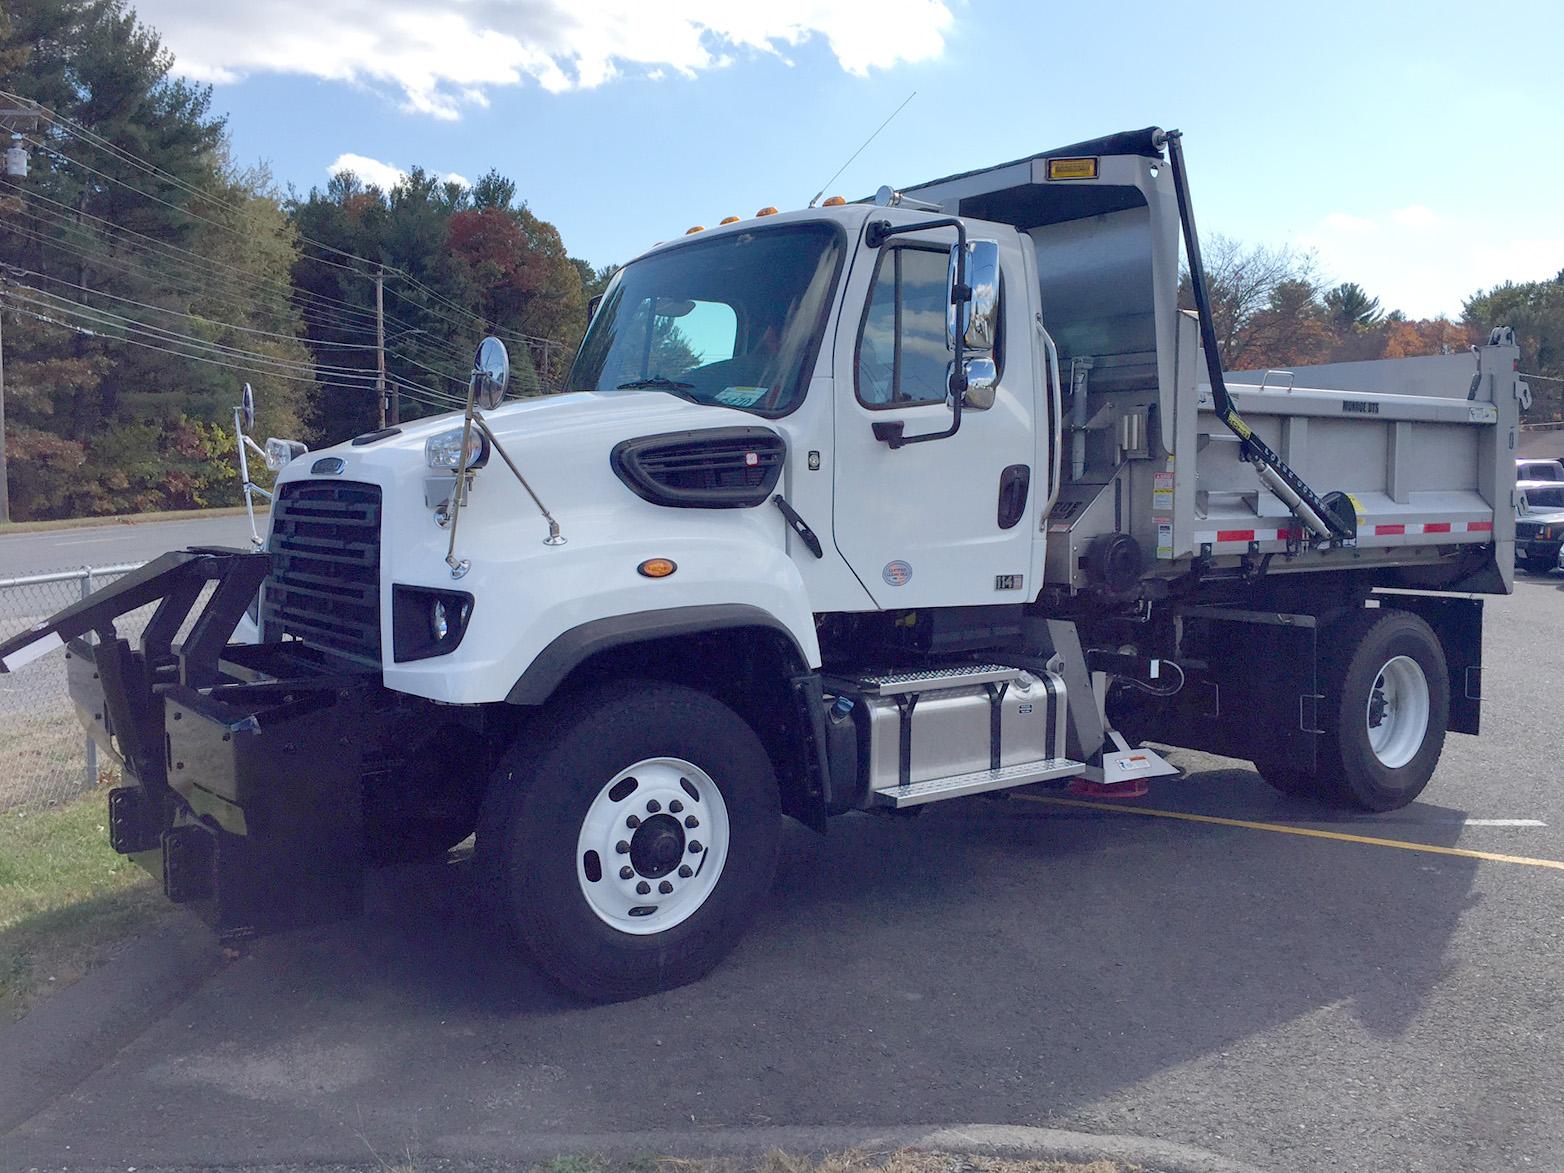 2017 Freightliner 114SD Plow - Spreader Truck